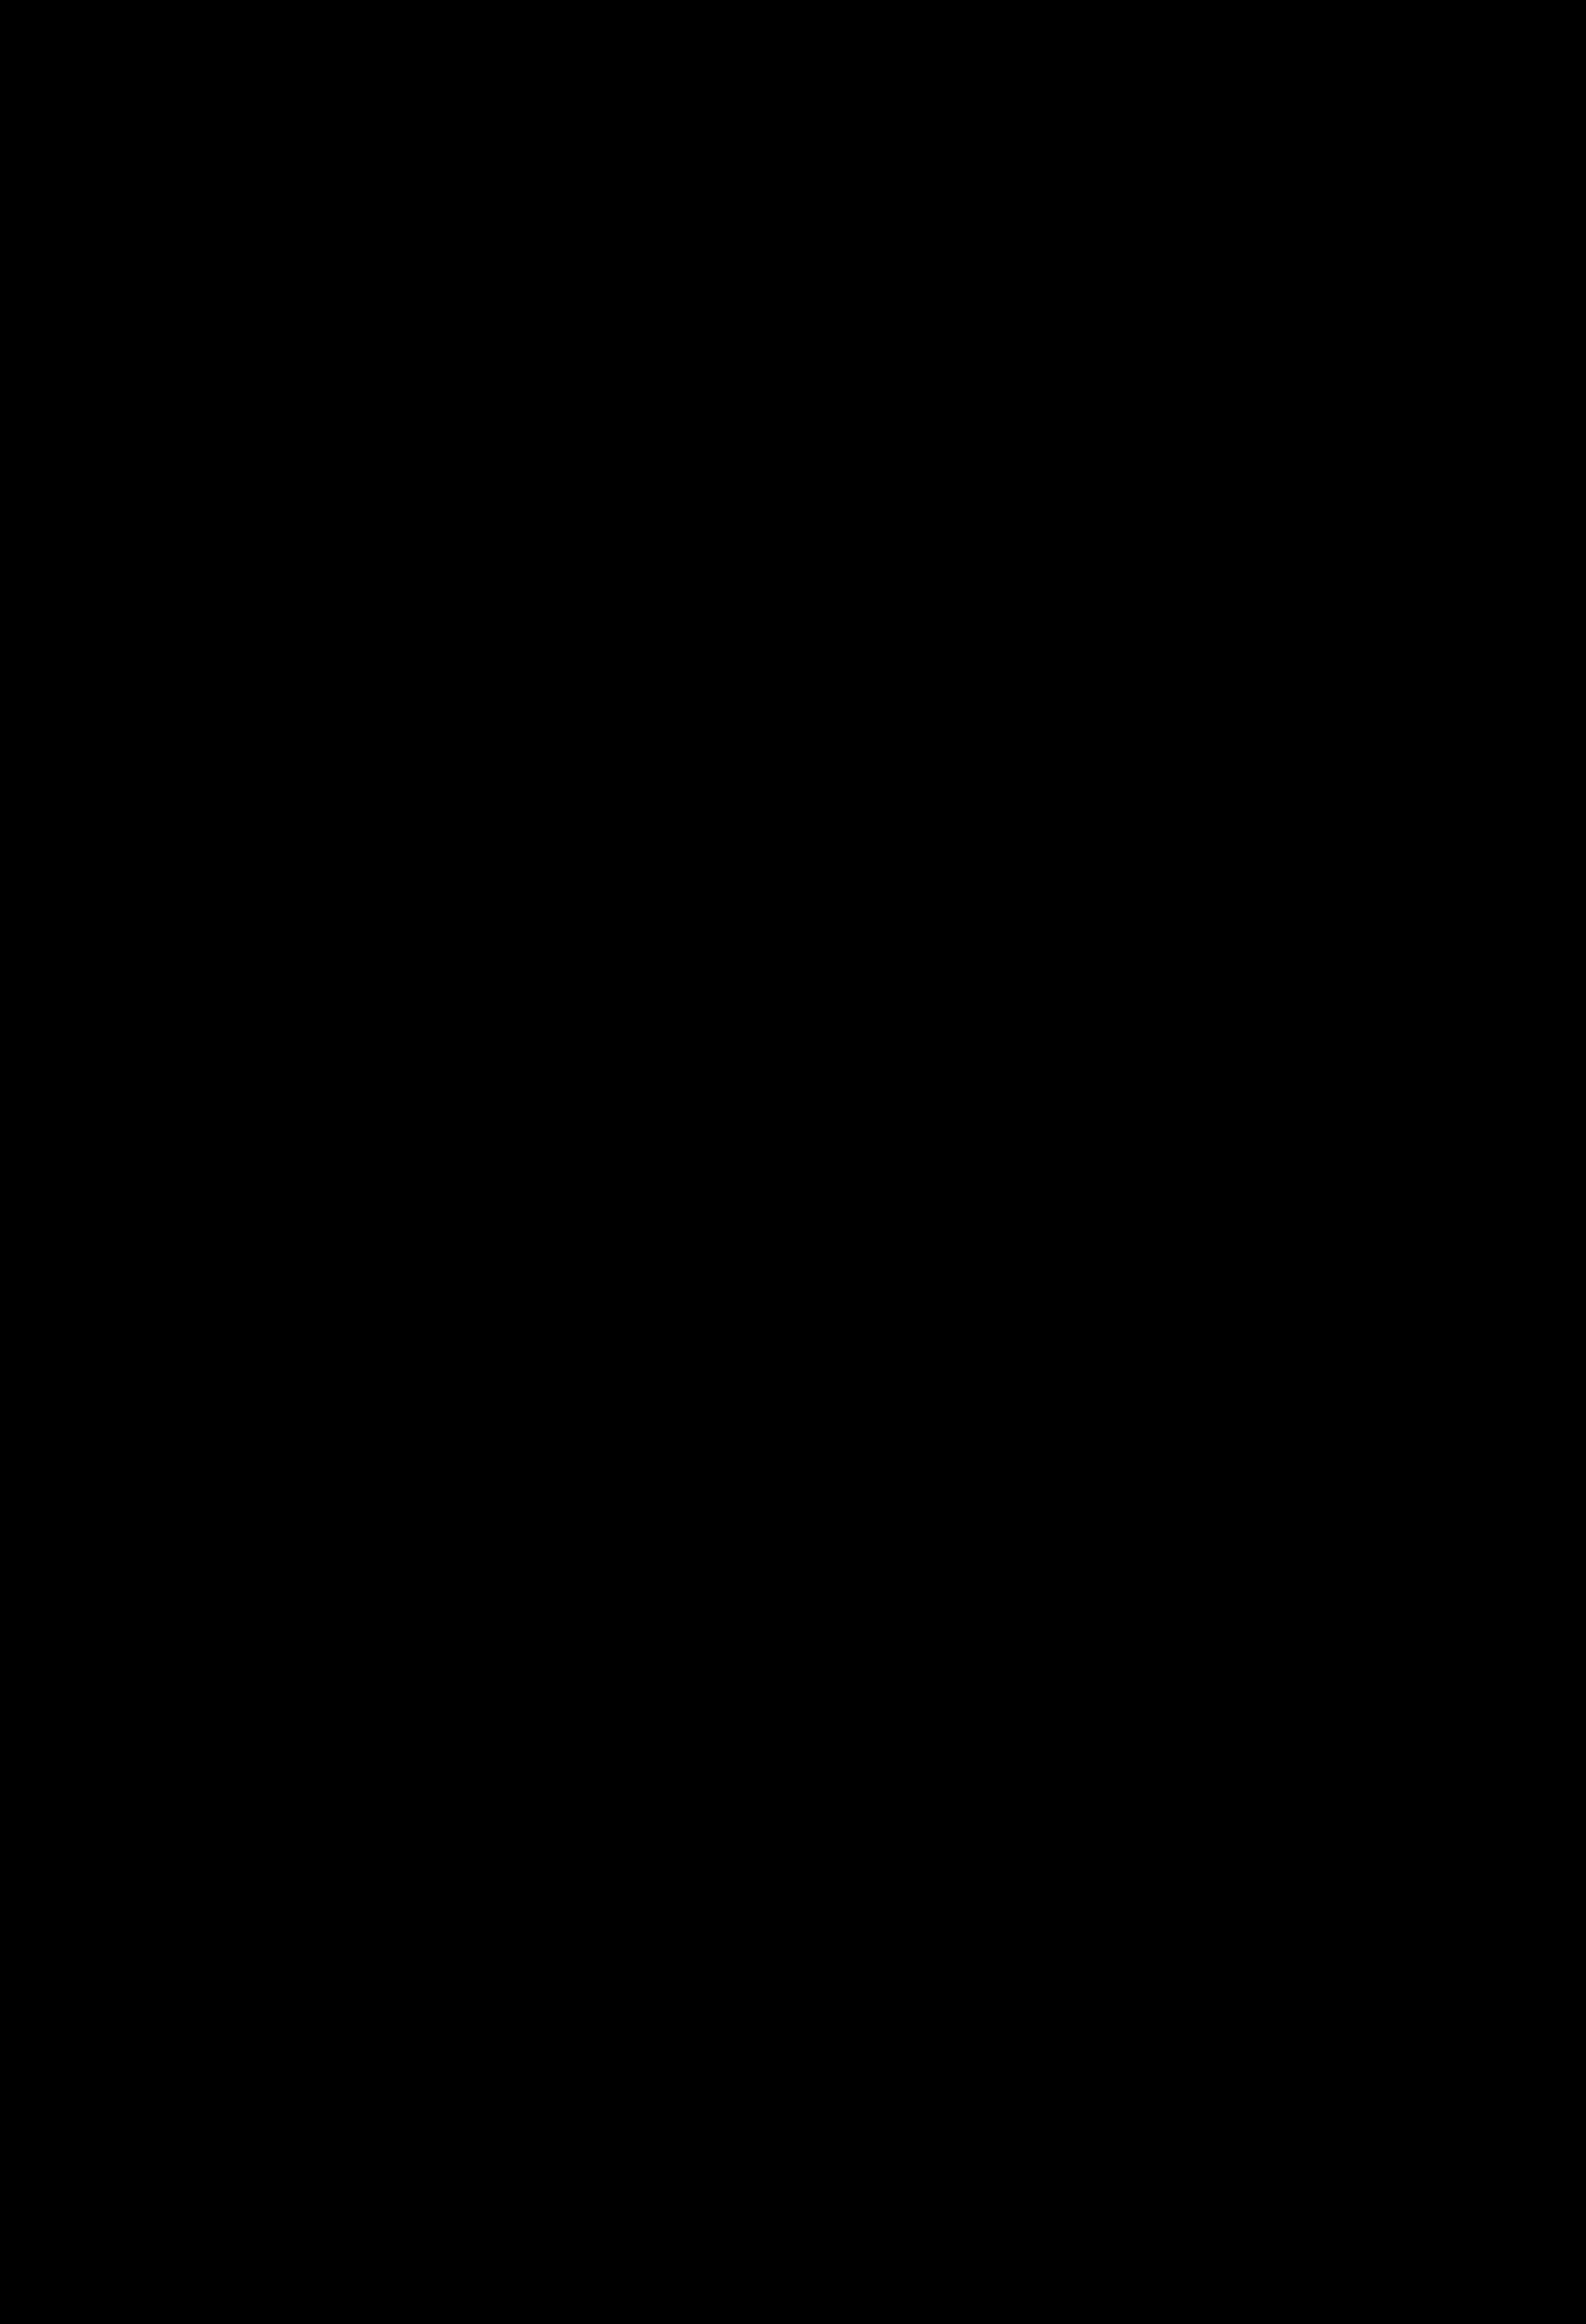 LA DEMOCRATIE PARTICIPATIVE AU BRESIL